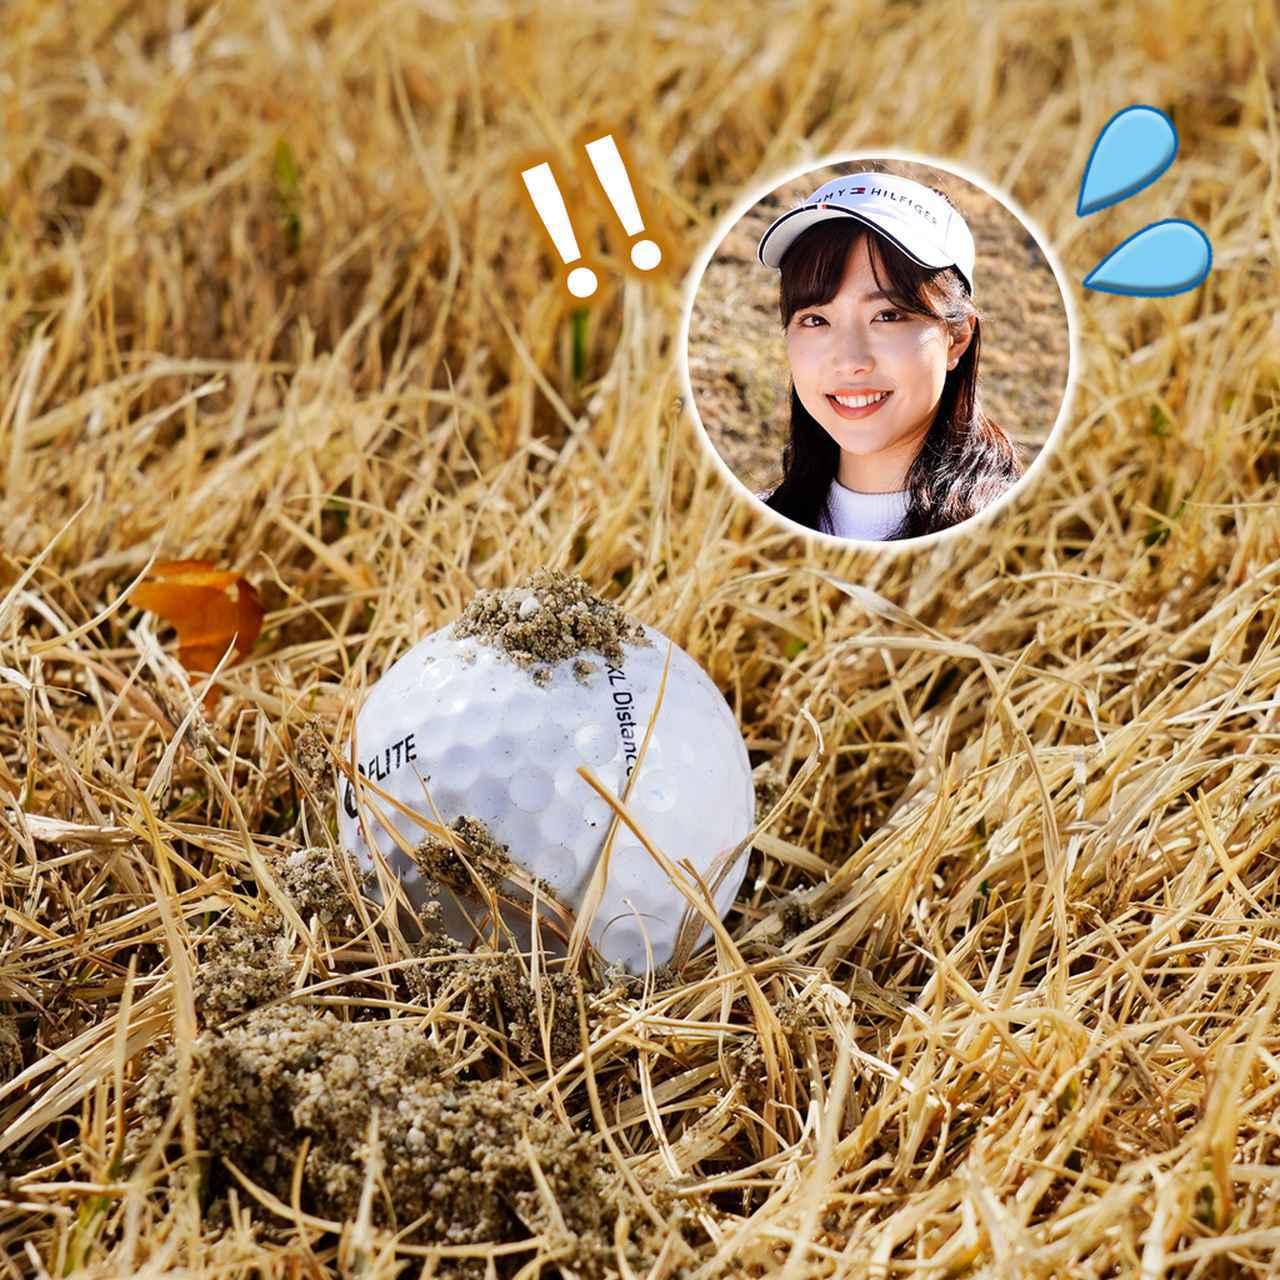 画像3: 【新ルール】ボールに砂をかけられた! 拭ける? 拭けない?